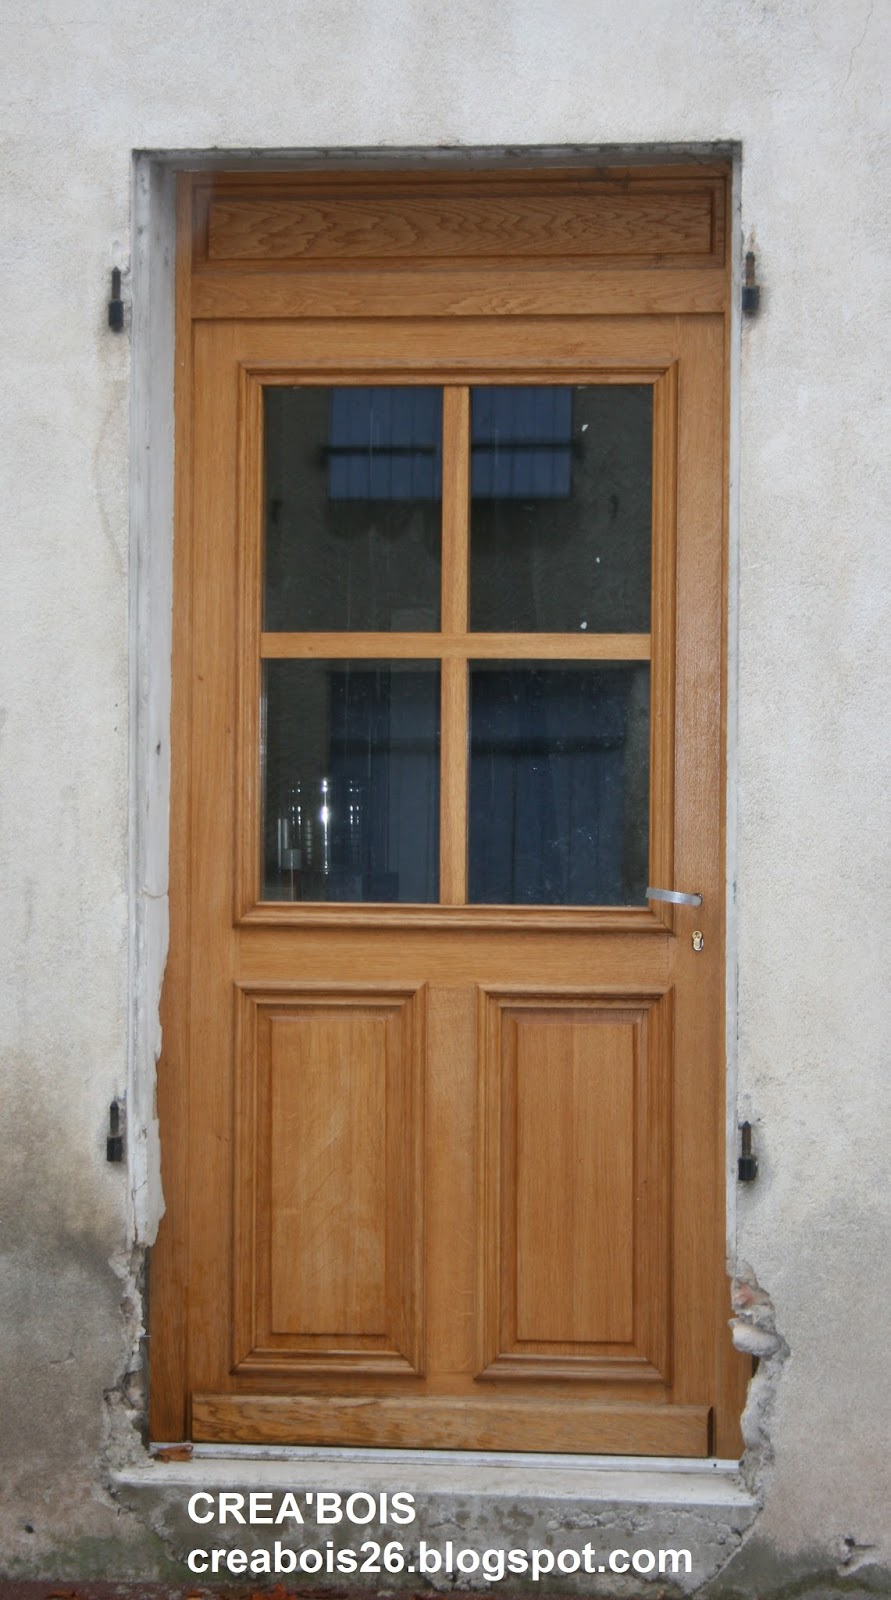 cadre de porte en bois affordable cadre porte interieur cadre de porte en bois with cadre de. Black Bedroom Furniture Sets. Home Design Ideas